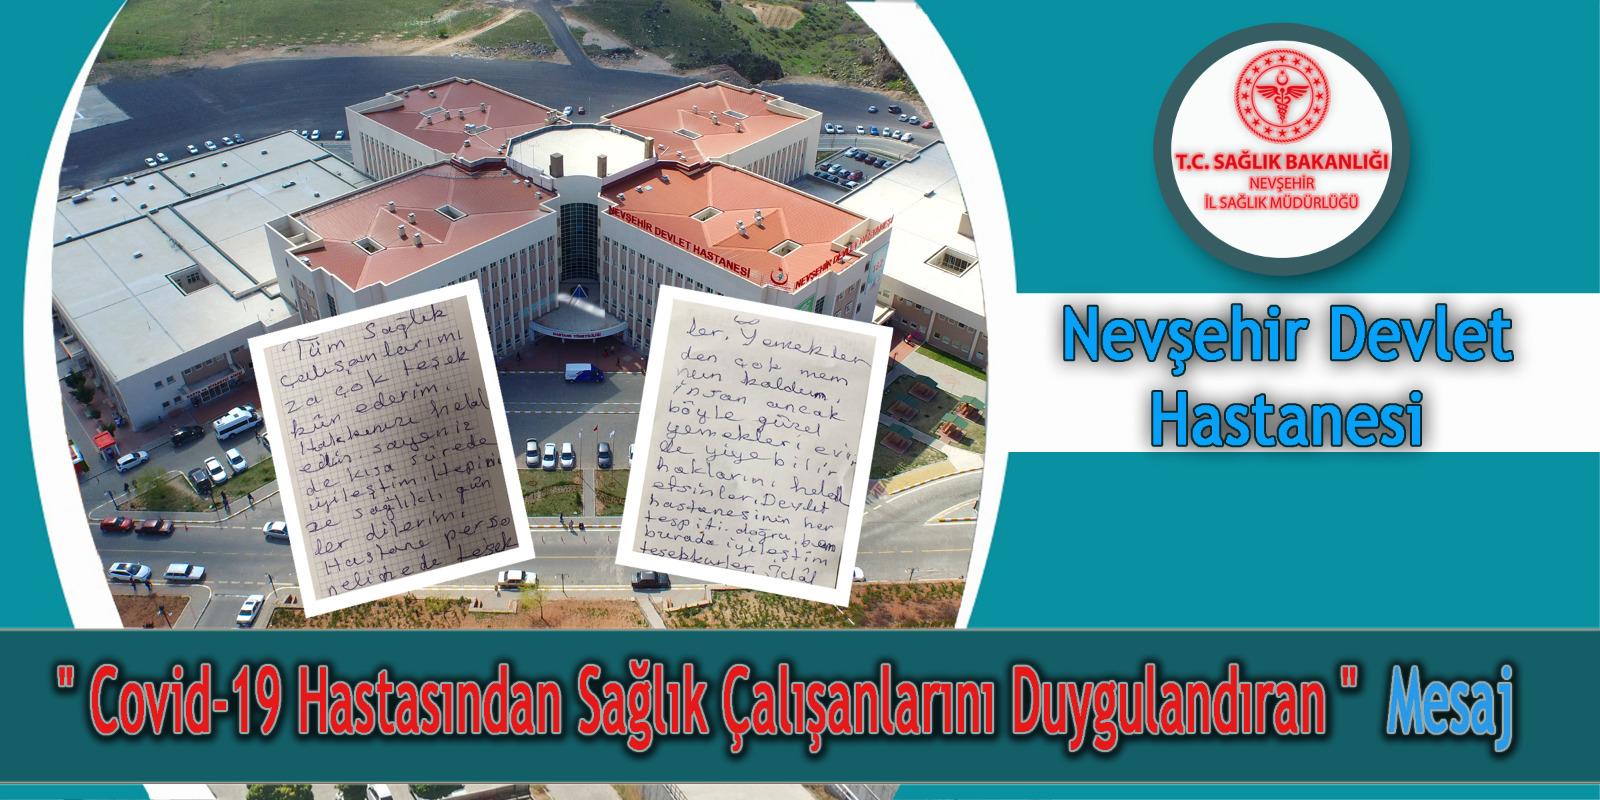 Covid-19 Hastasından Sağlık Çalışanlarını Duygulandıran Mesaj